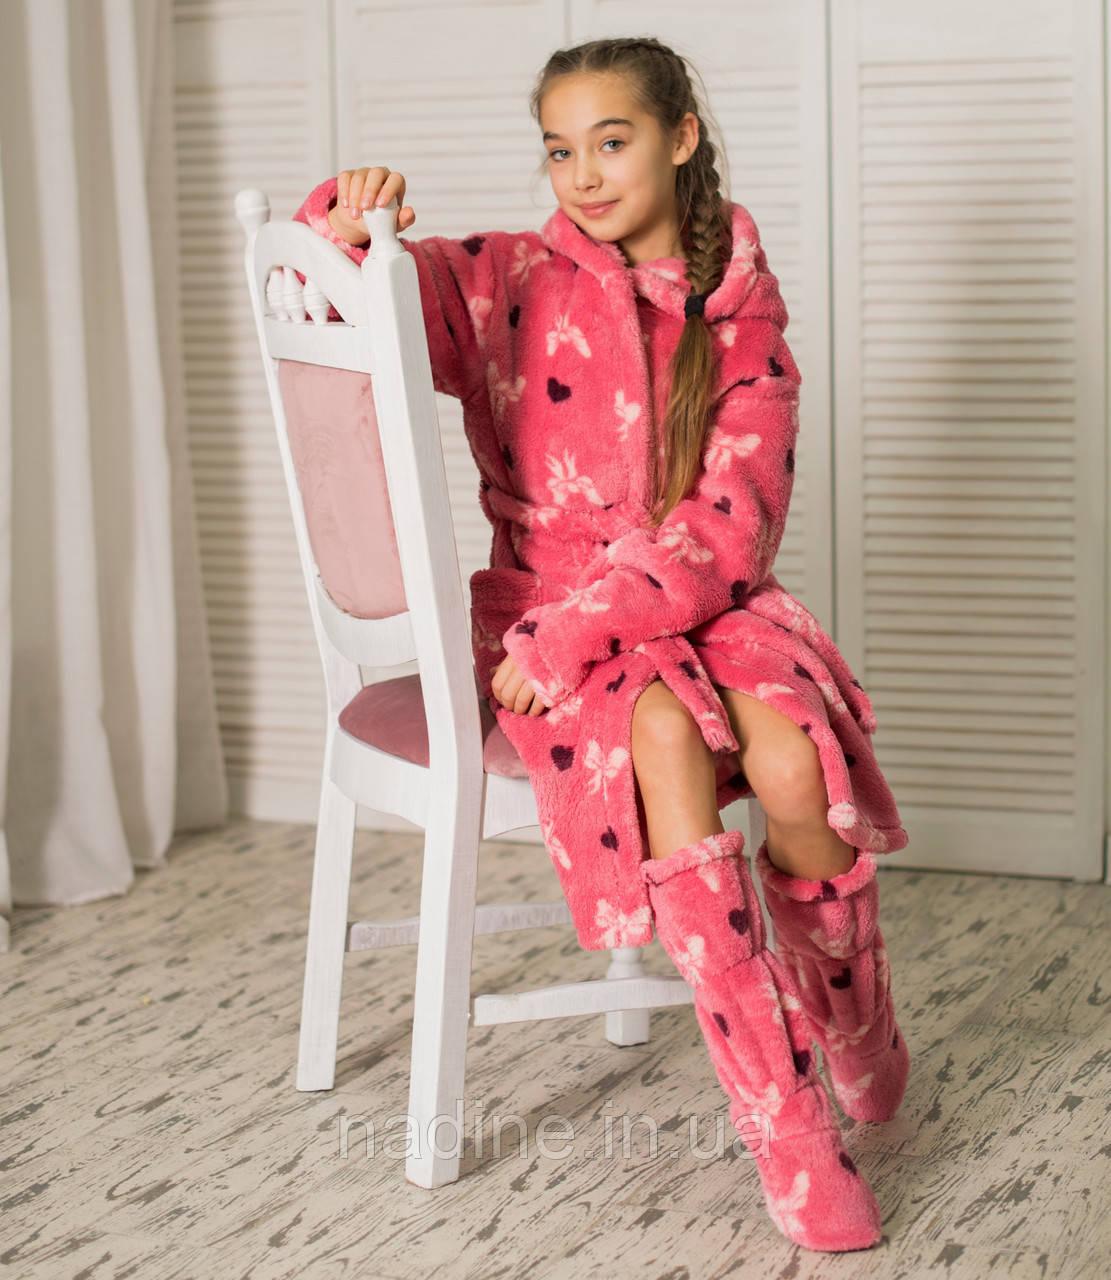 Халат теплый Бантики для девочки Eirena Nadine (34-525) рост 134, розовый